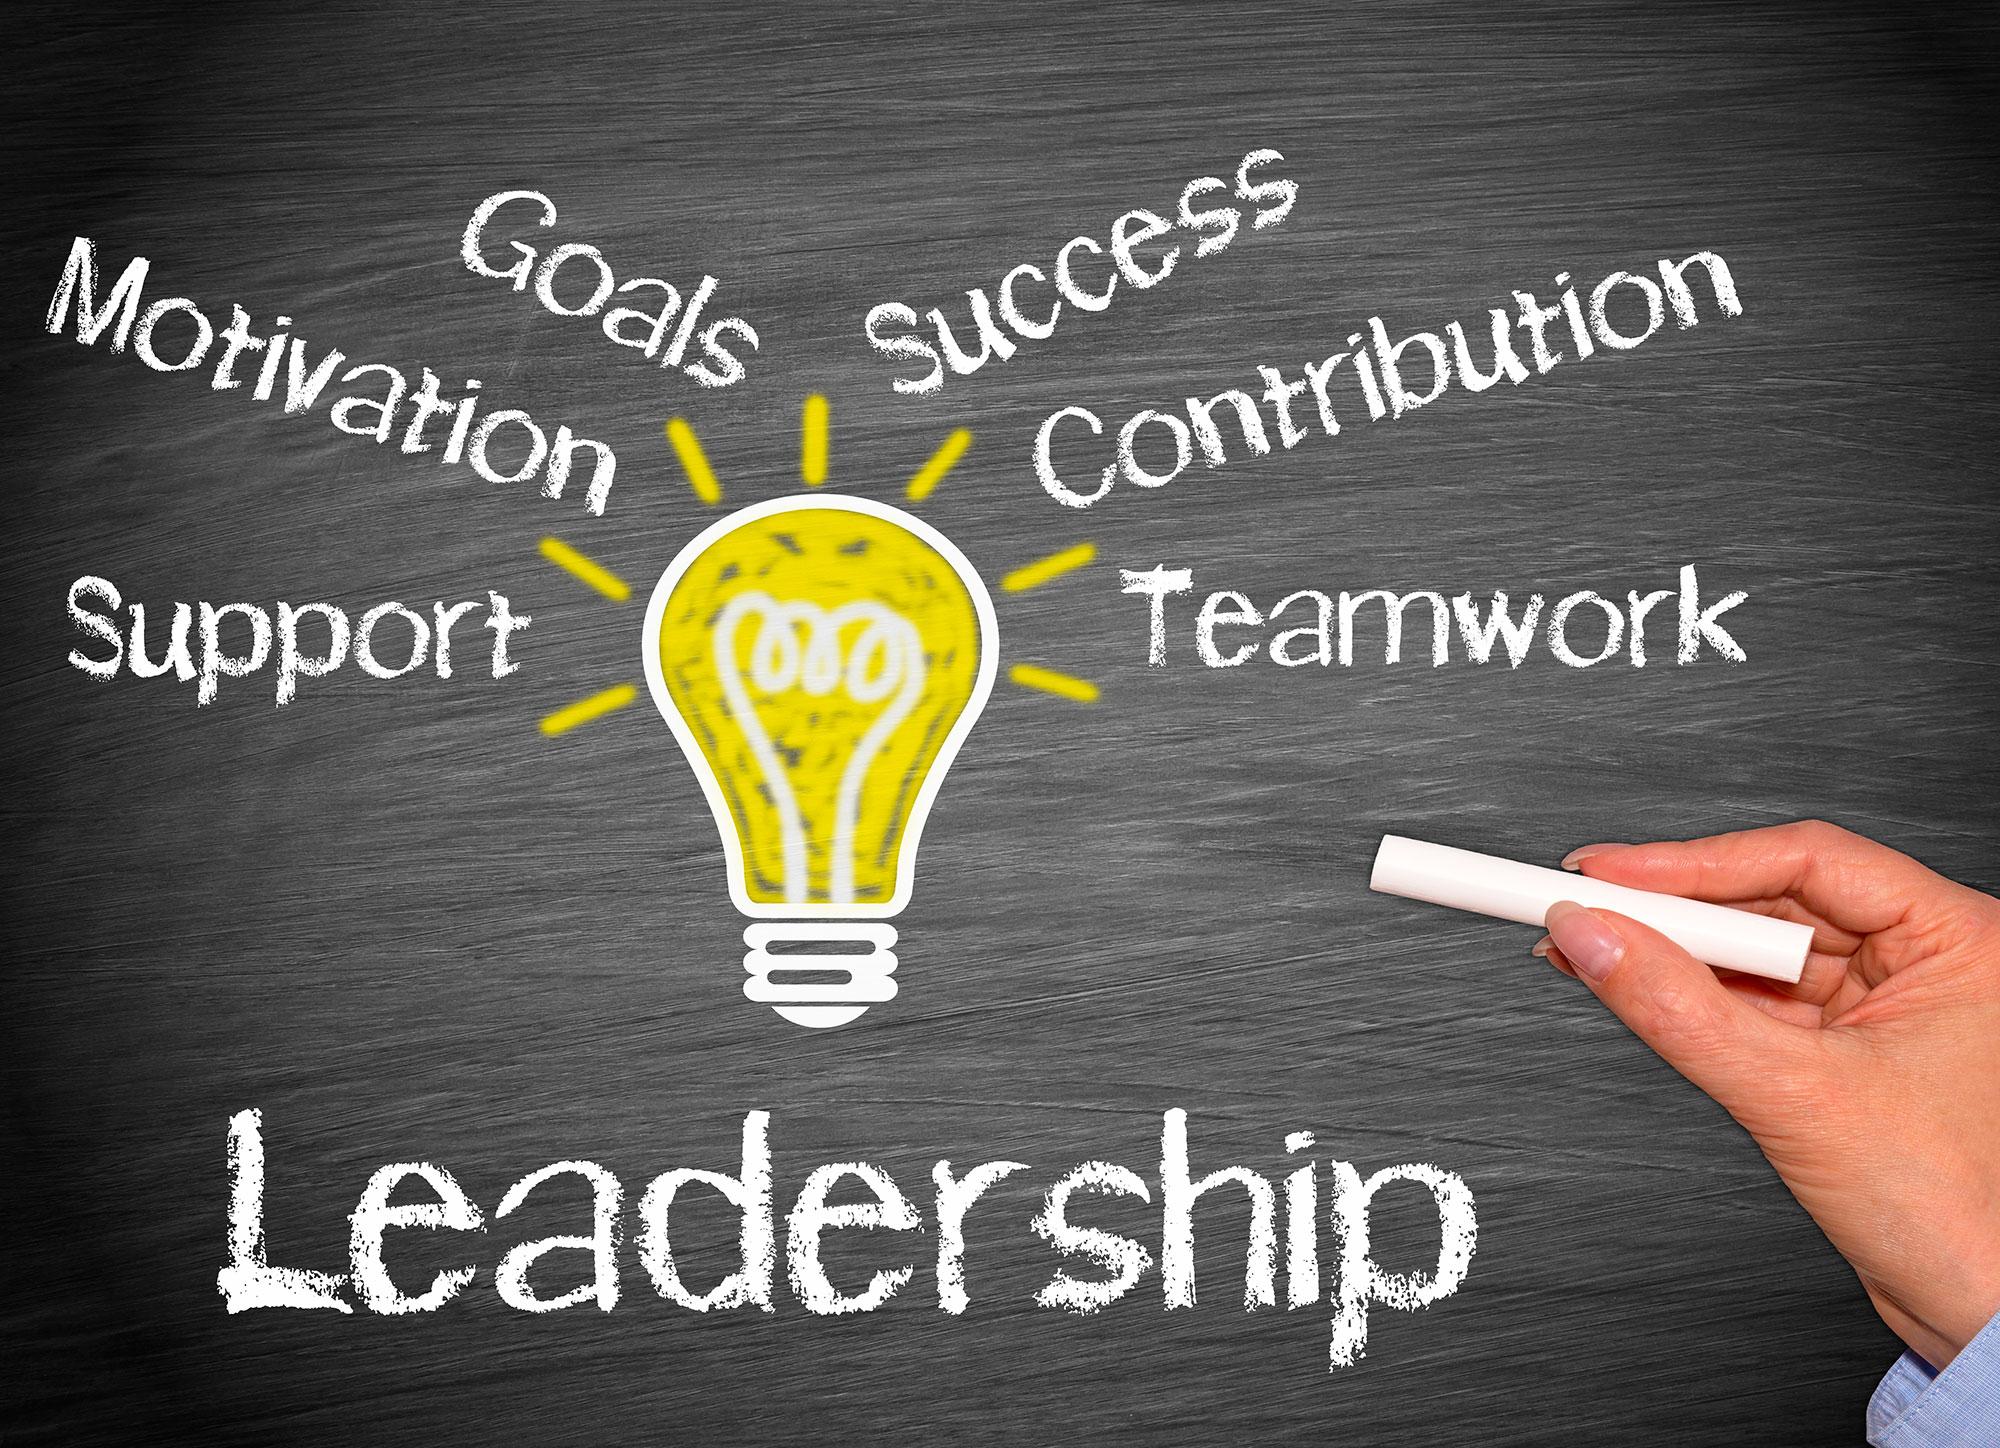 Usemos bien el término liderazgo